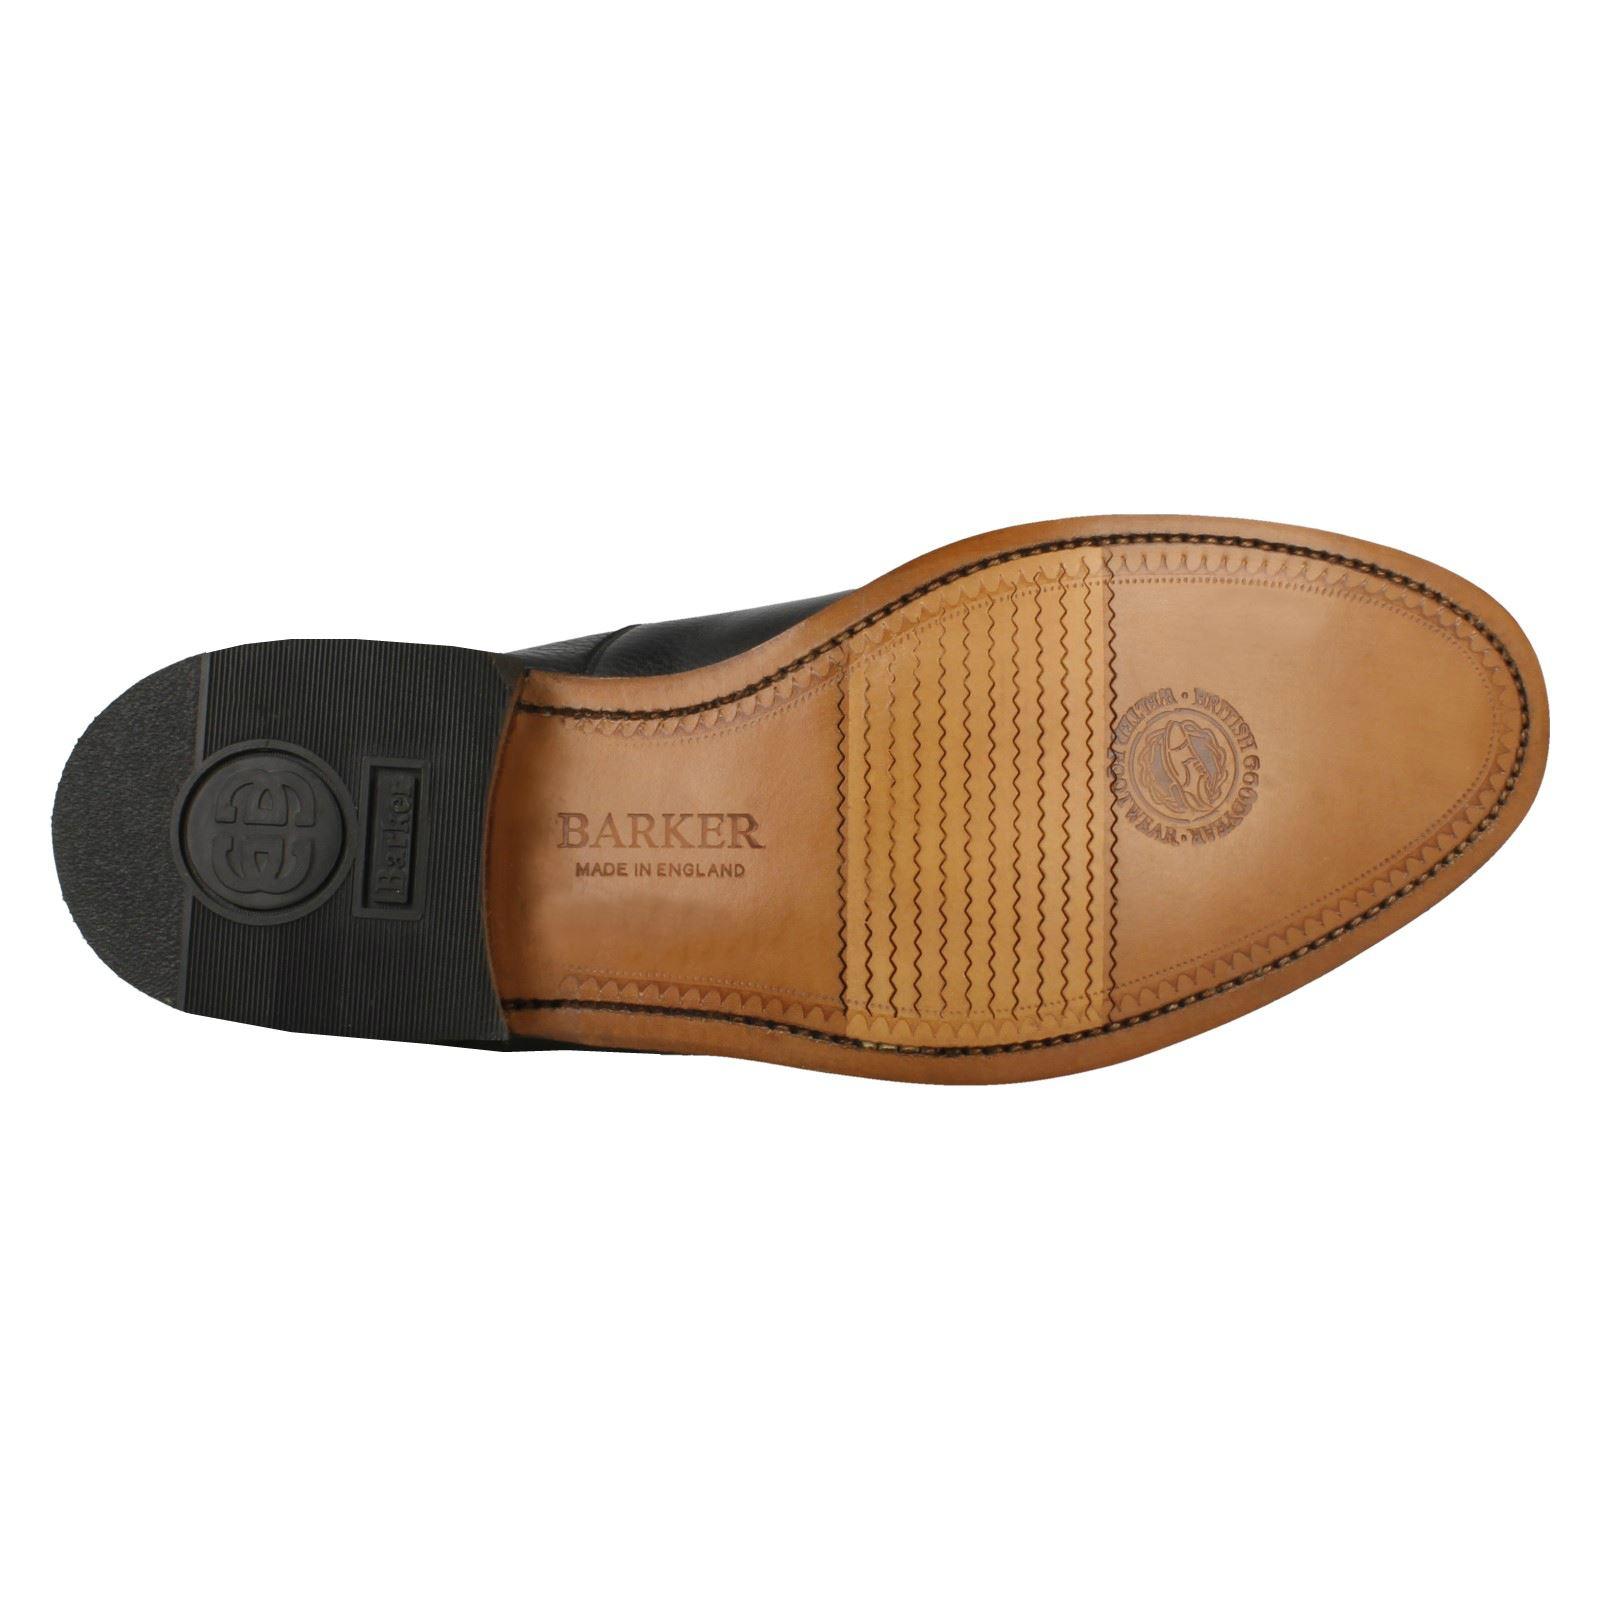 Mens Shoes Barker Formal Lace Up Shoes Mens Shoreham 944411